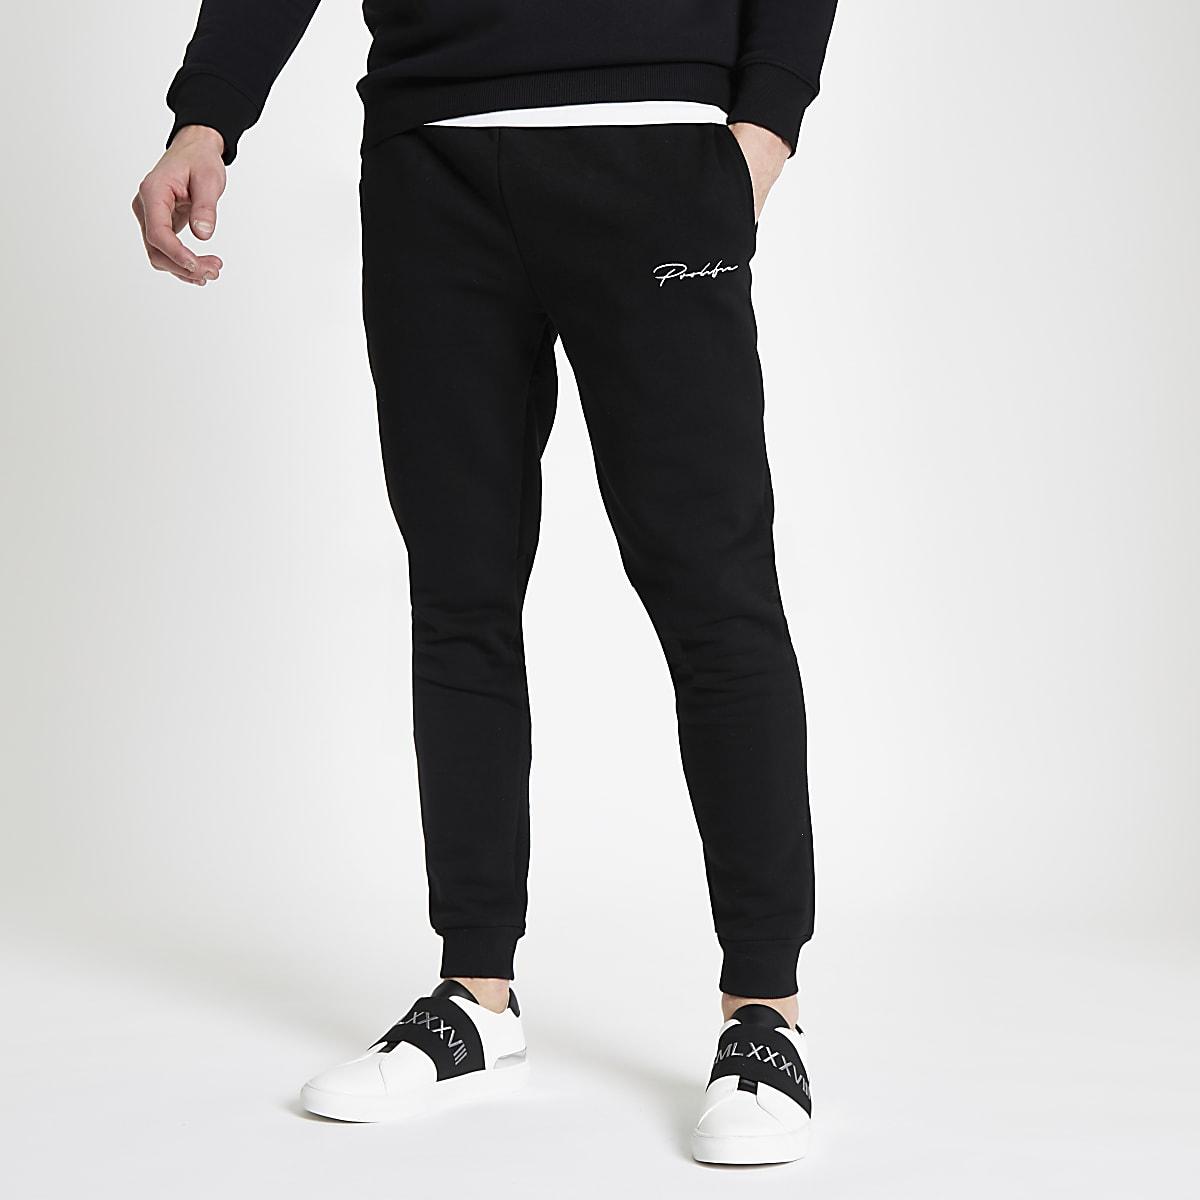 Black 'Prolific' slim fit joggers